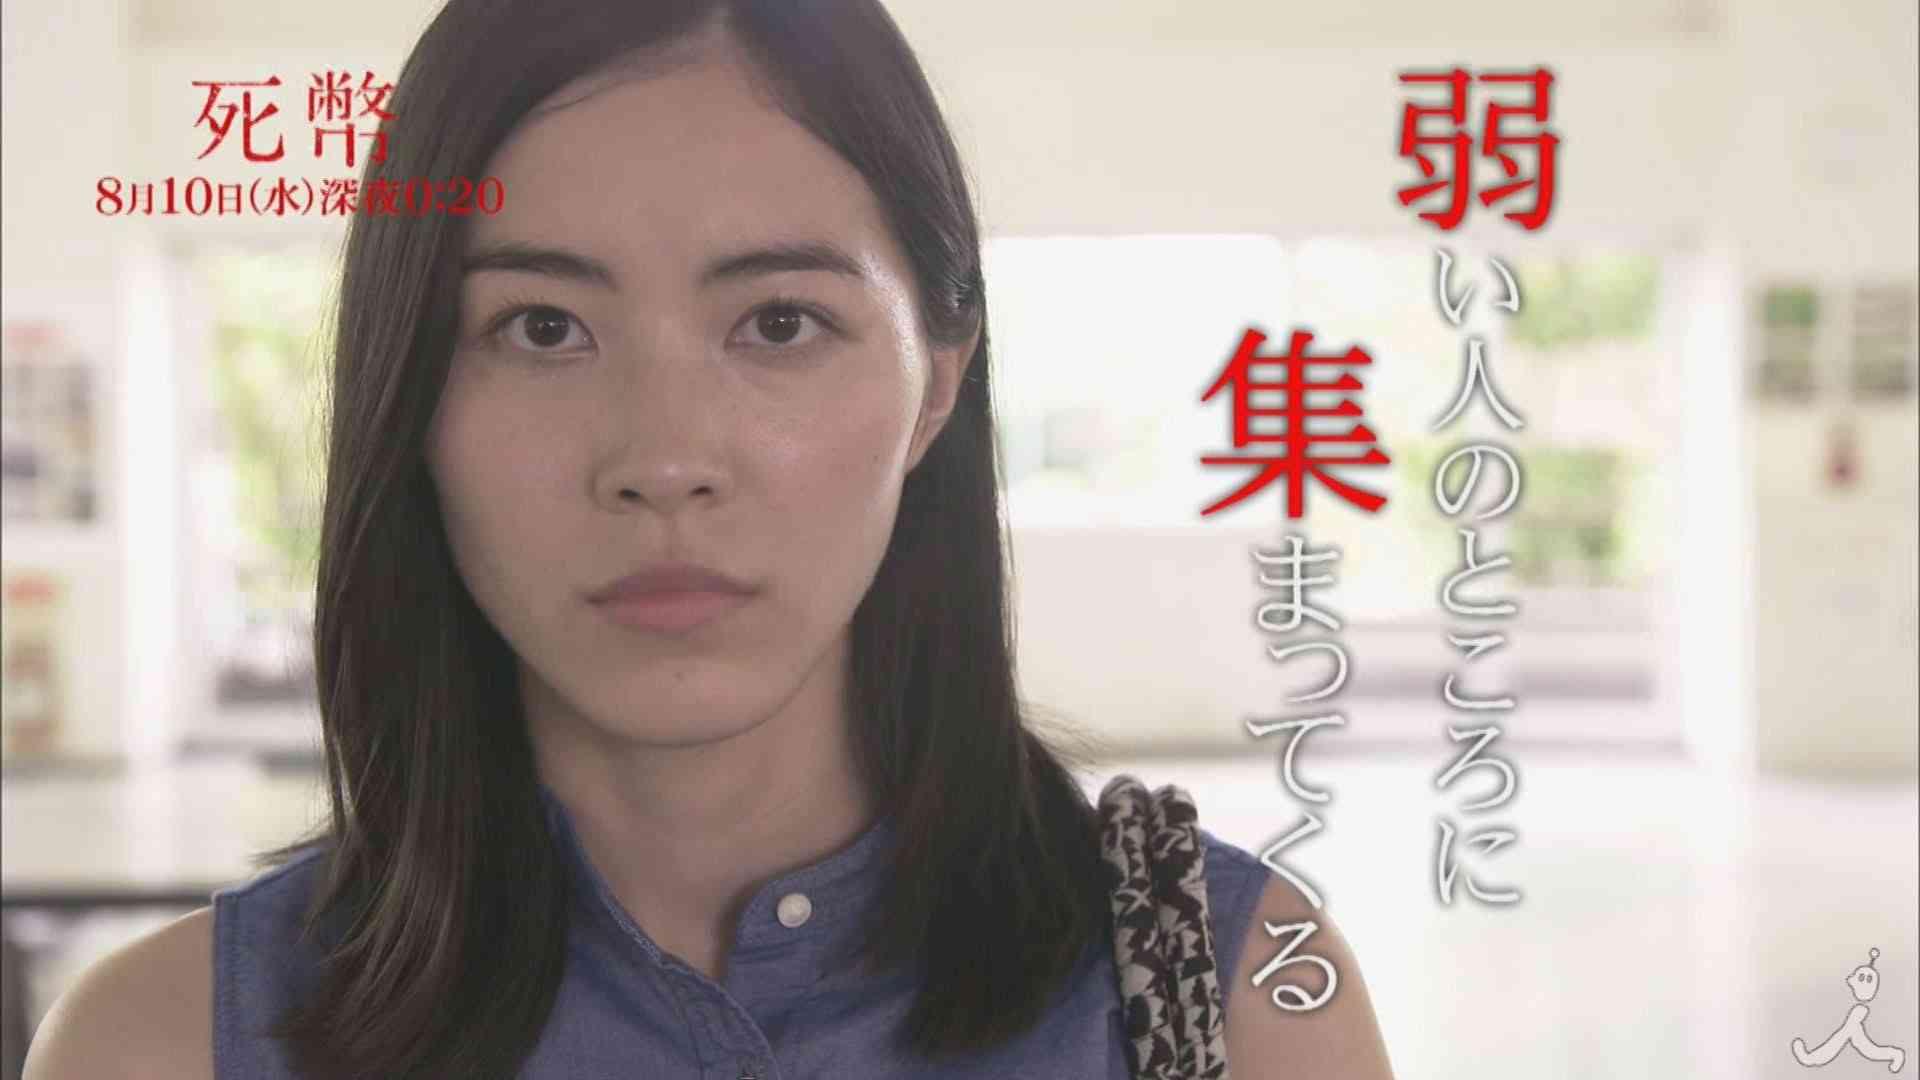 """紅白選抜11位の松井珠理奈""""1位コメント""""準備していた"""